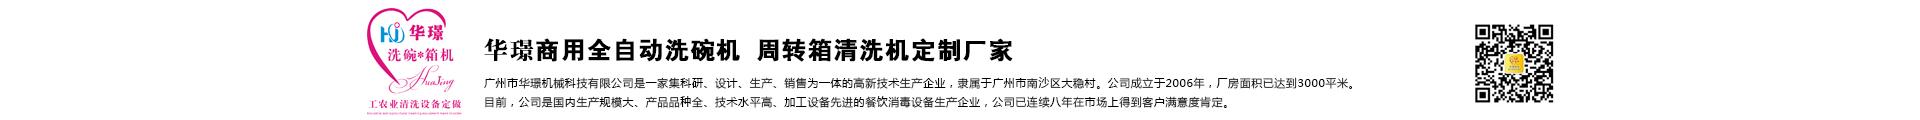 广州市华璟机械科技有限公司